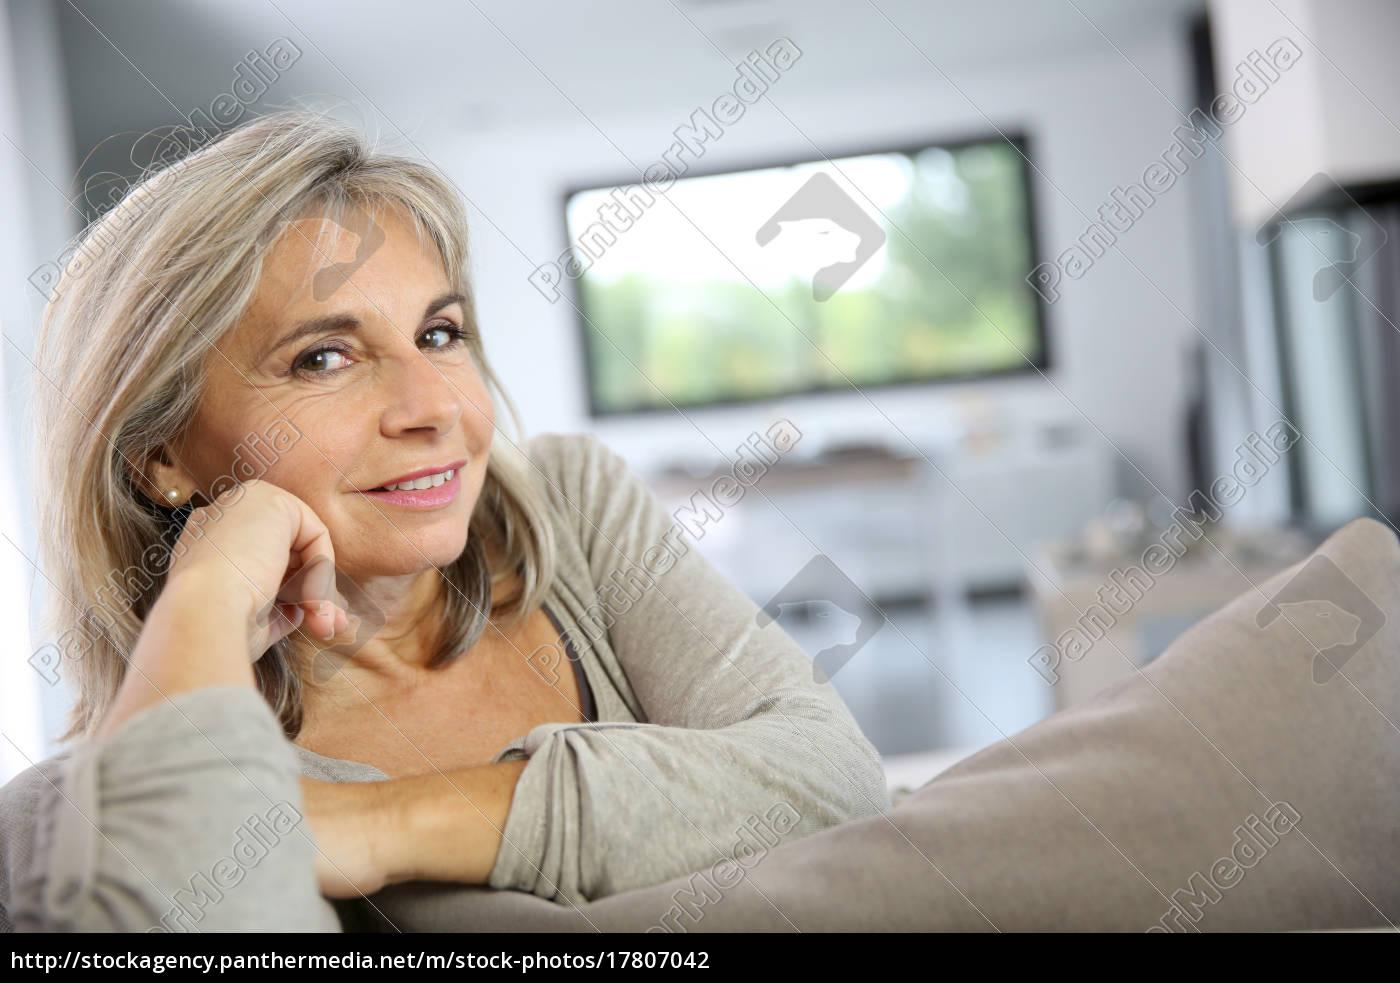 Mature woman photo